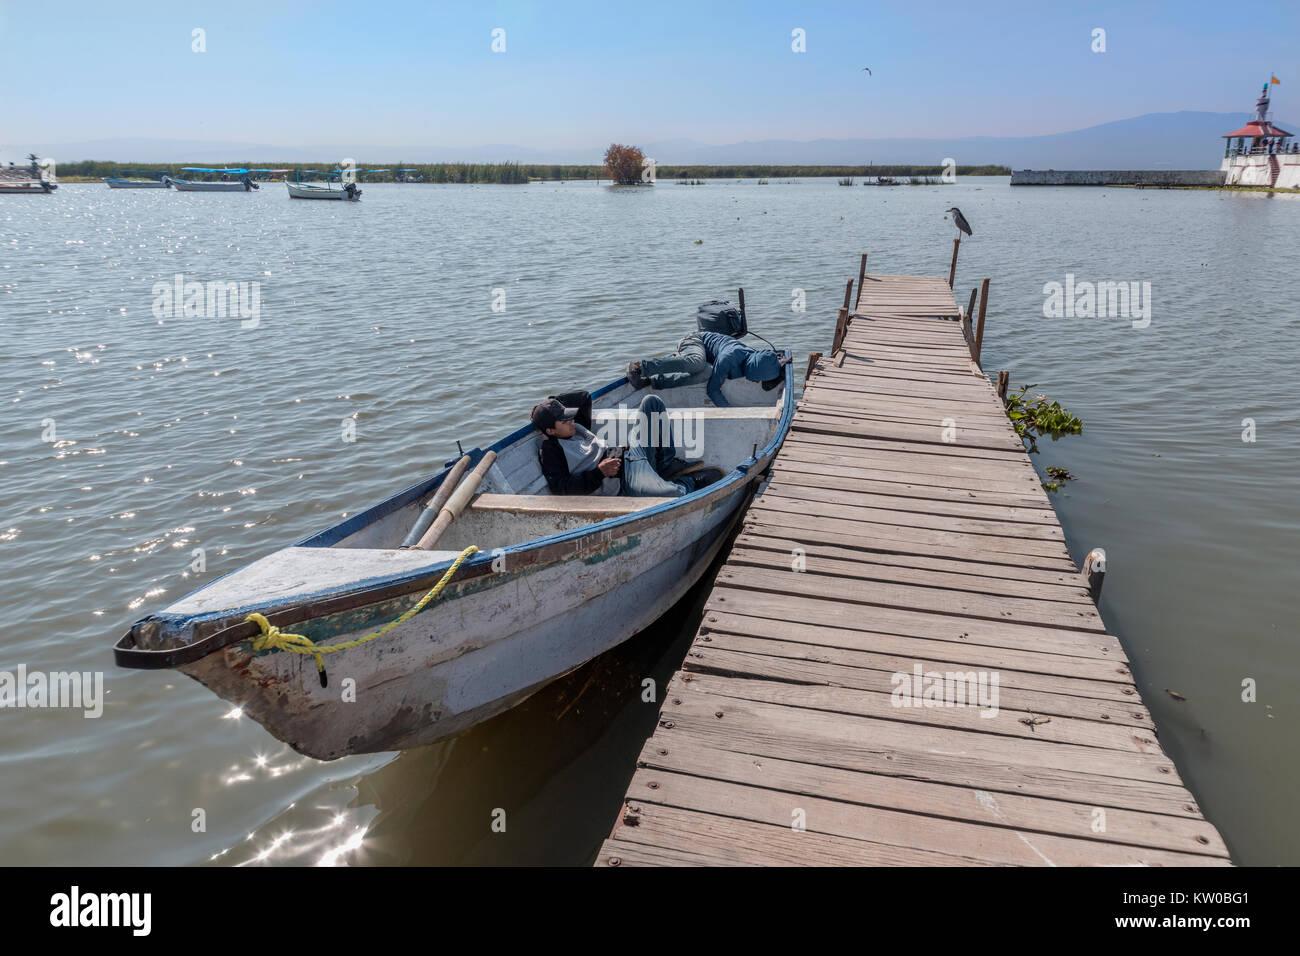 La hora de la siesta en el puerto, Chapala, Jalisco, México Imagen De Stock